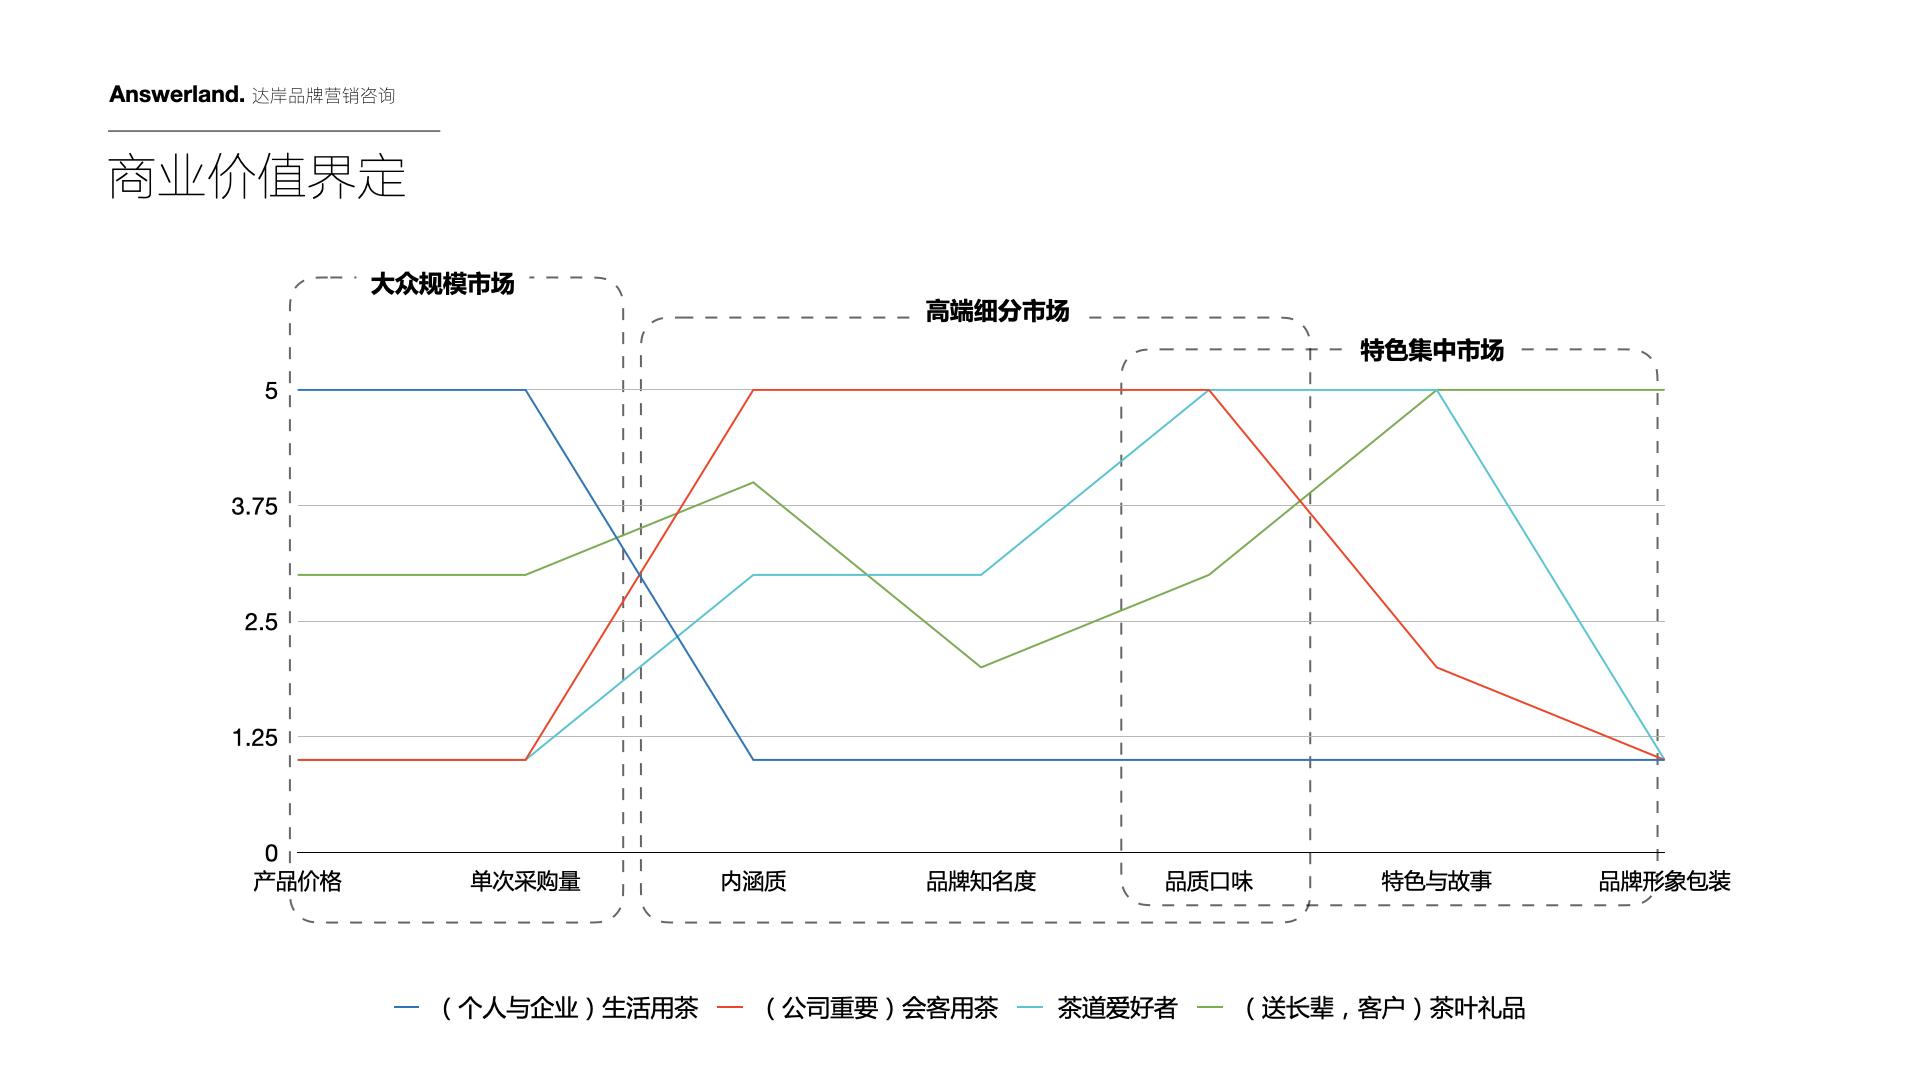 【公司-企业介绍】达岸品牌营销20200526.010